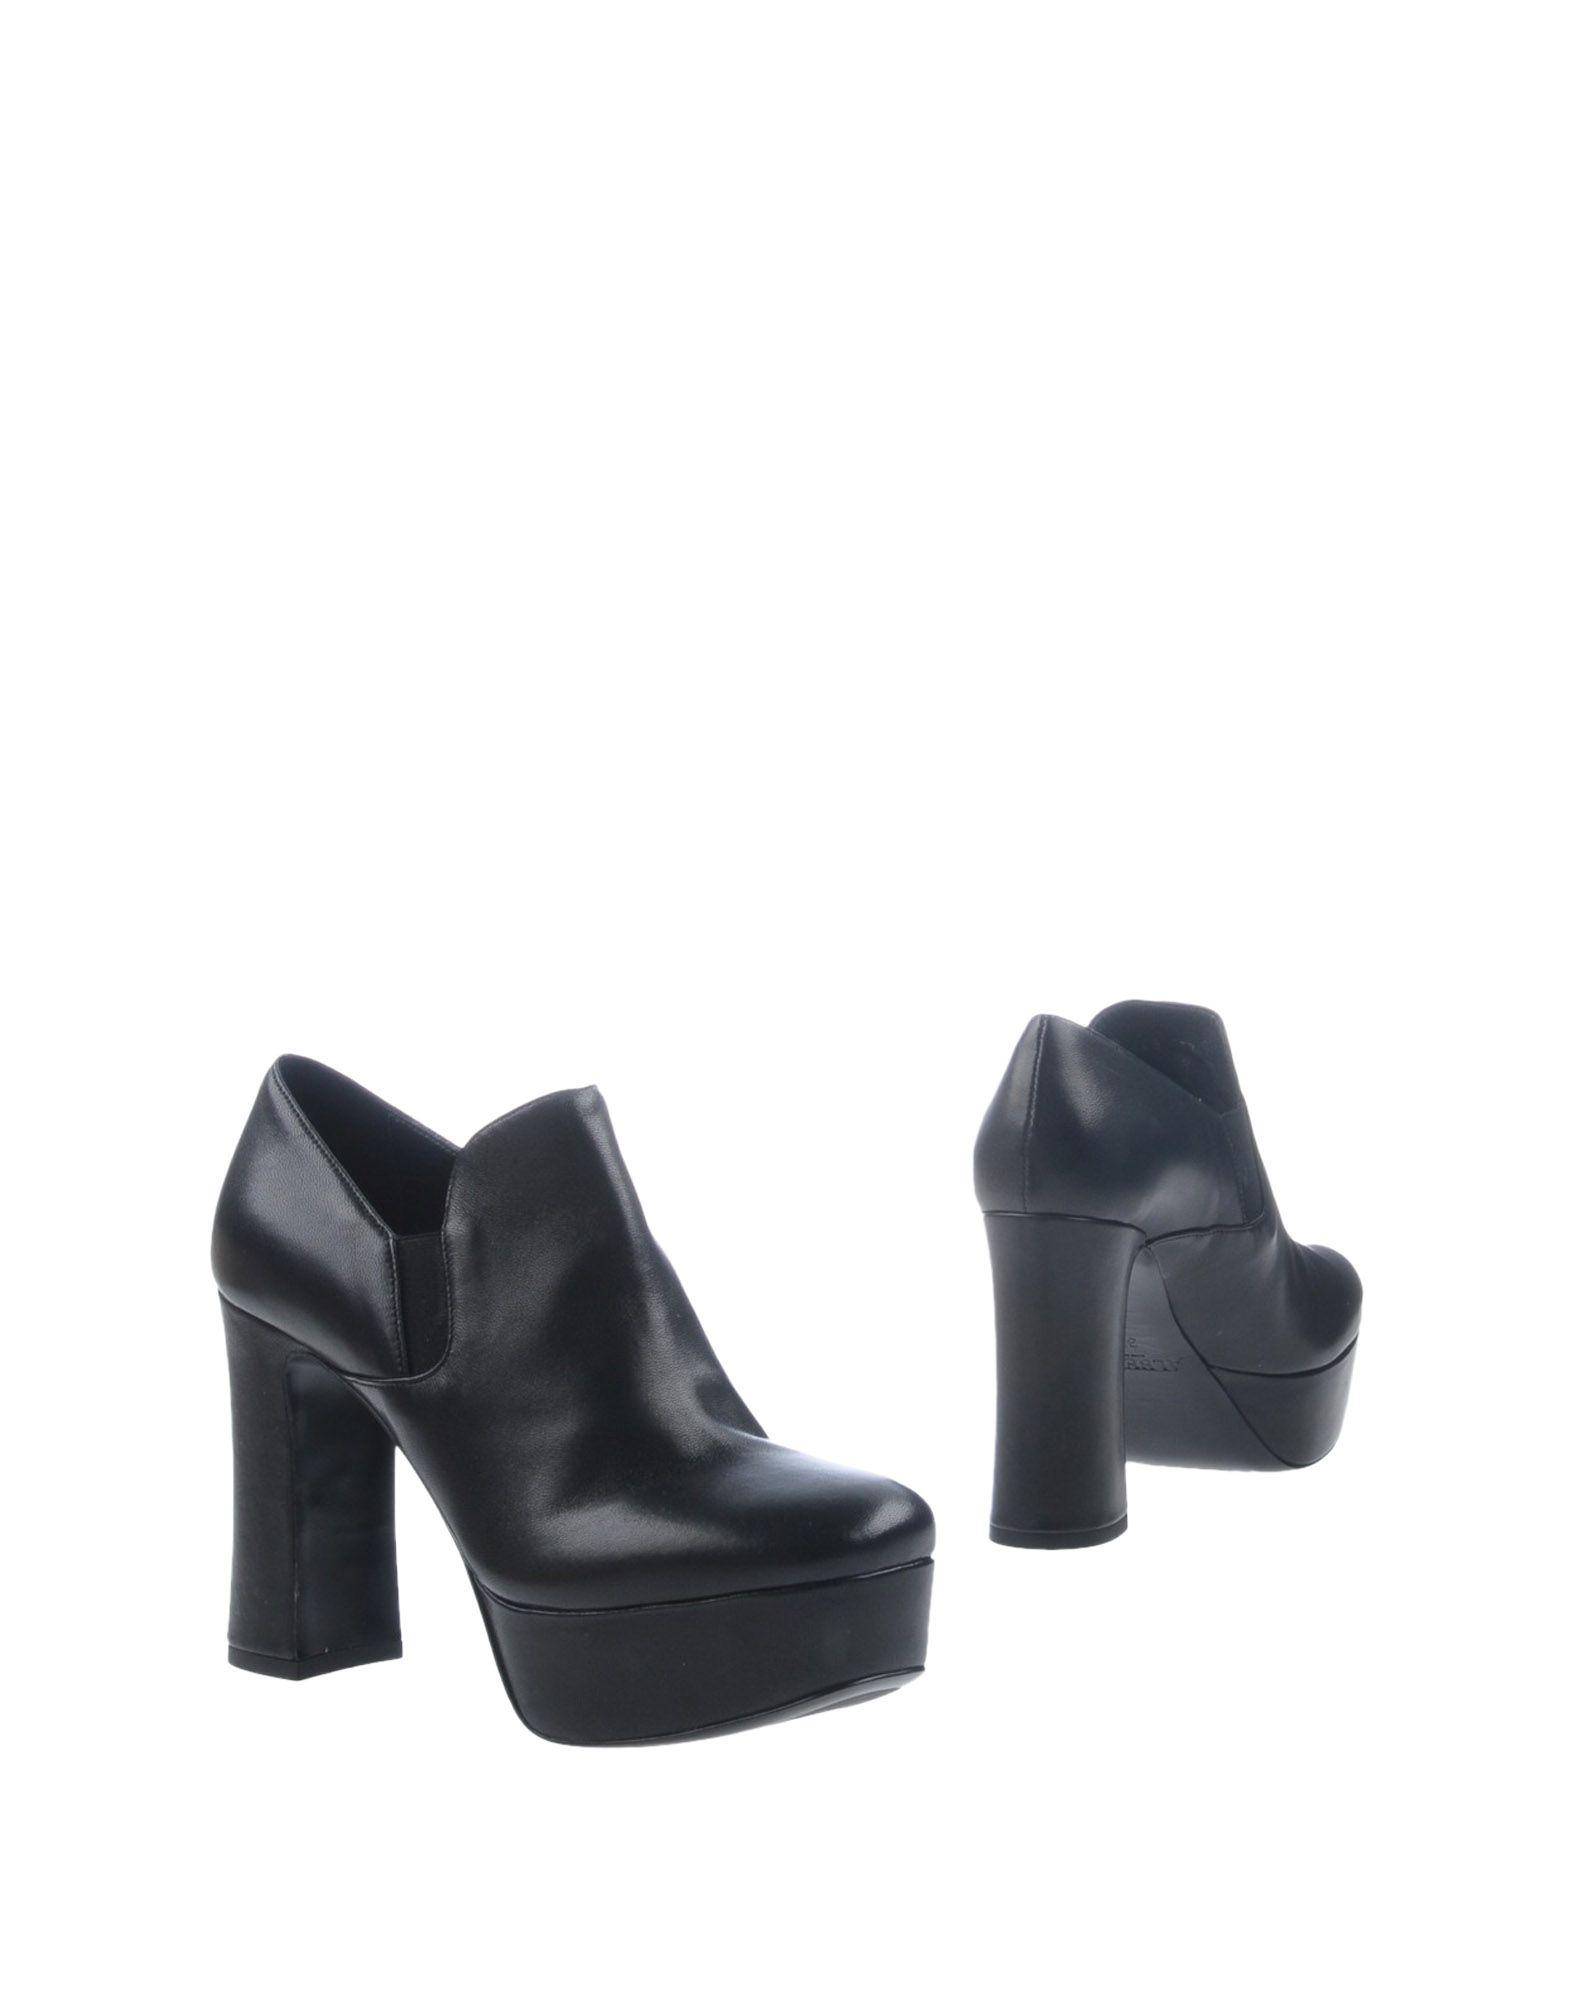 Alberto Gozzi Stiefelette Damen  11304887UG Gute Qualität beliebte Schuhe